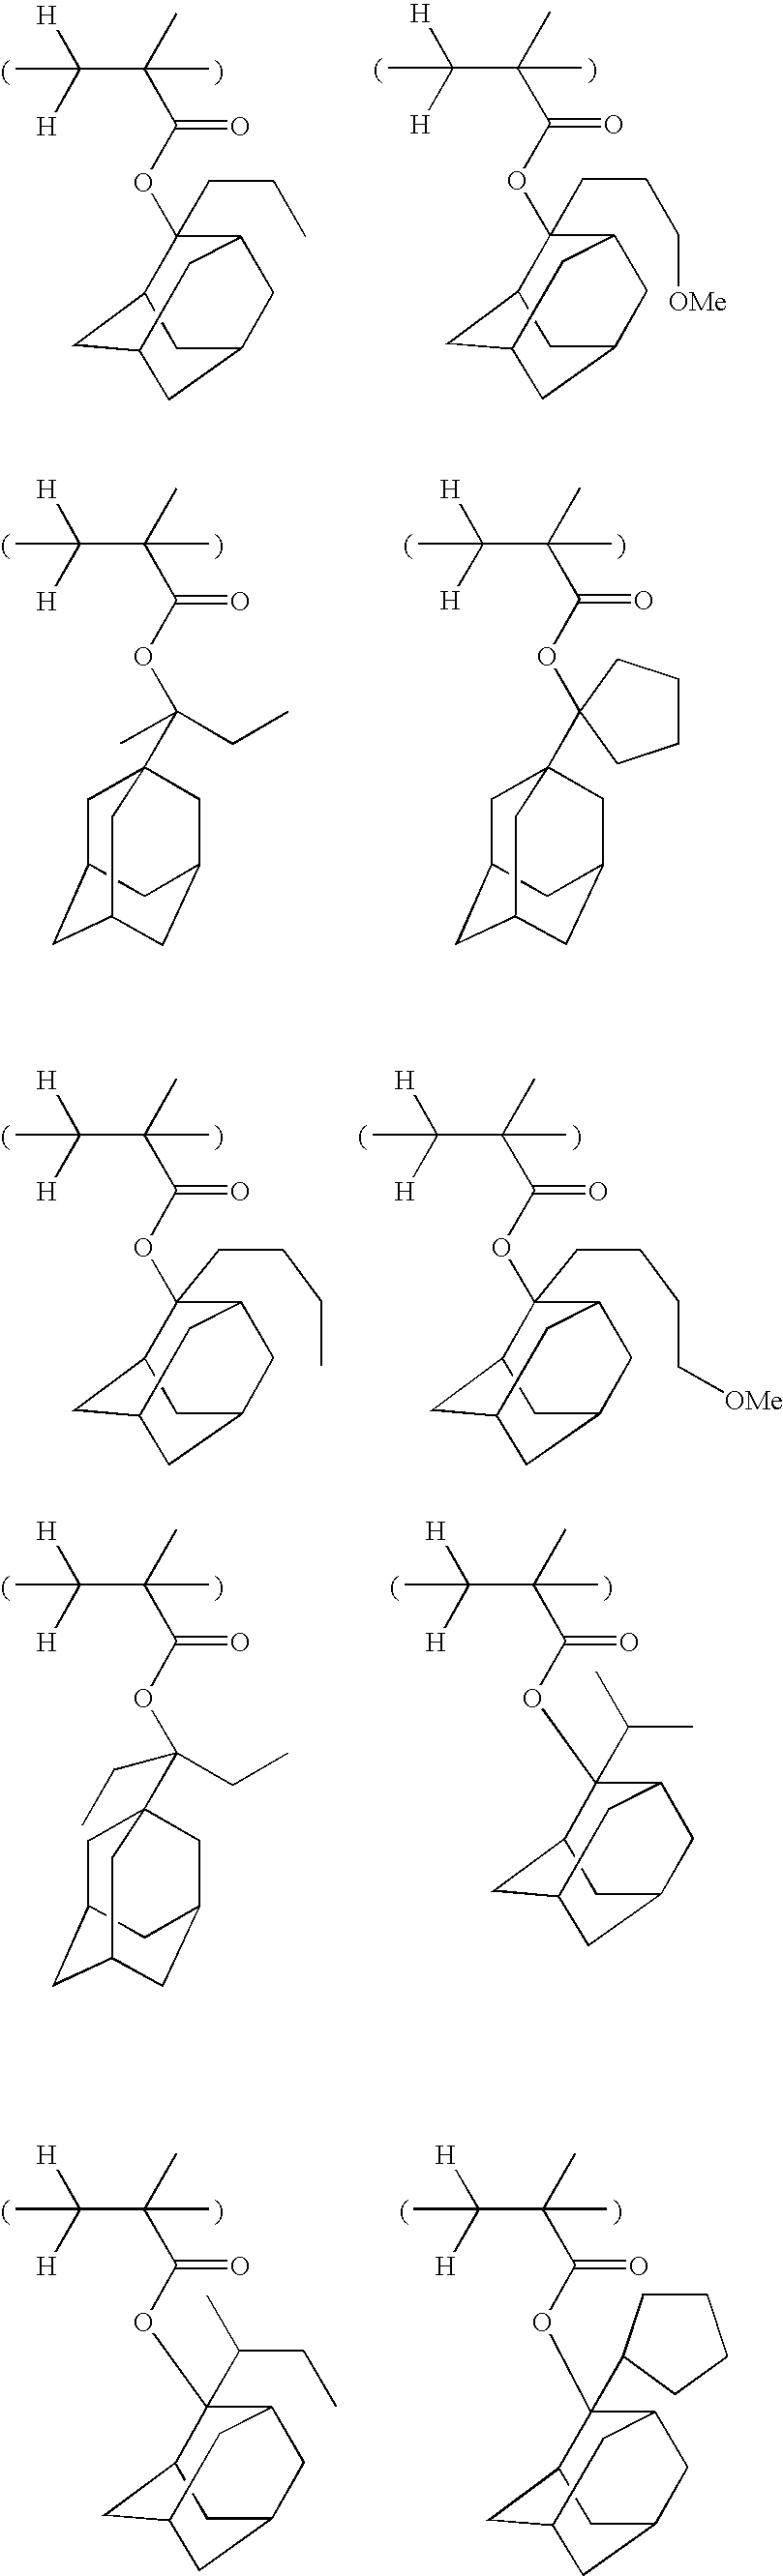 Figure US20050208424A1-20050922-C00007